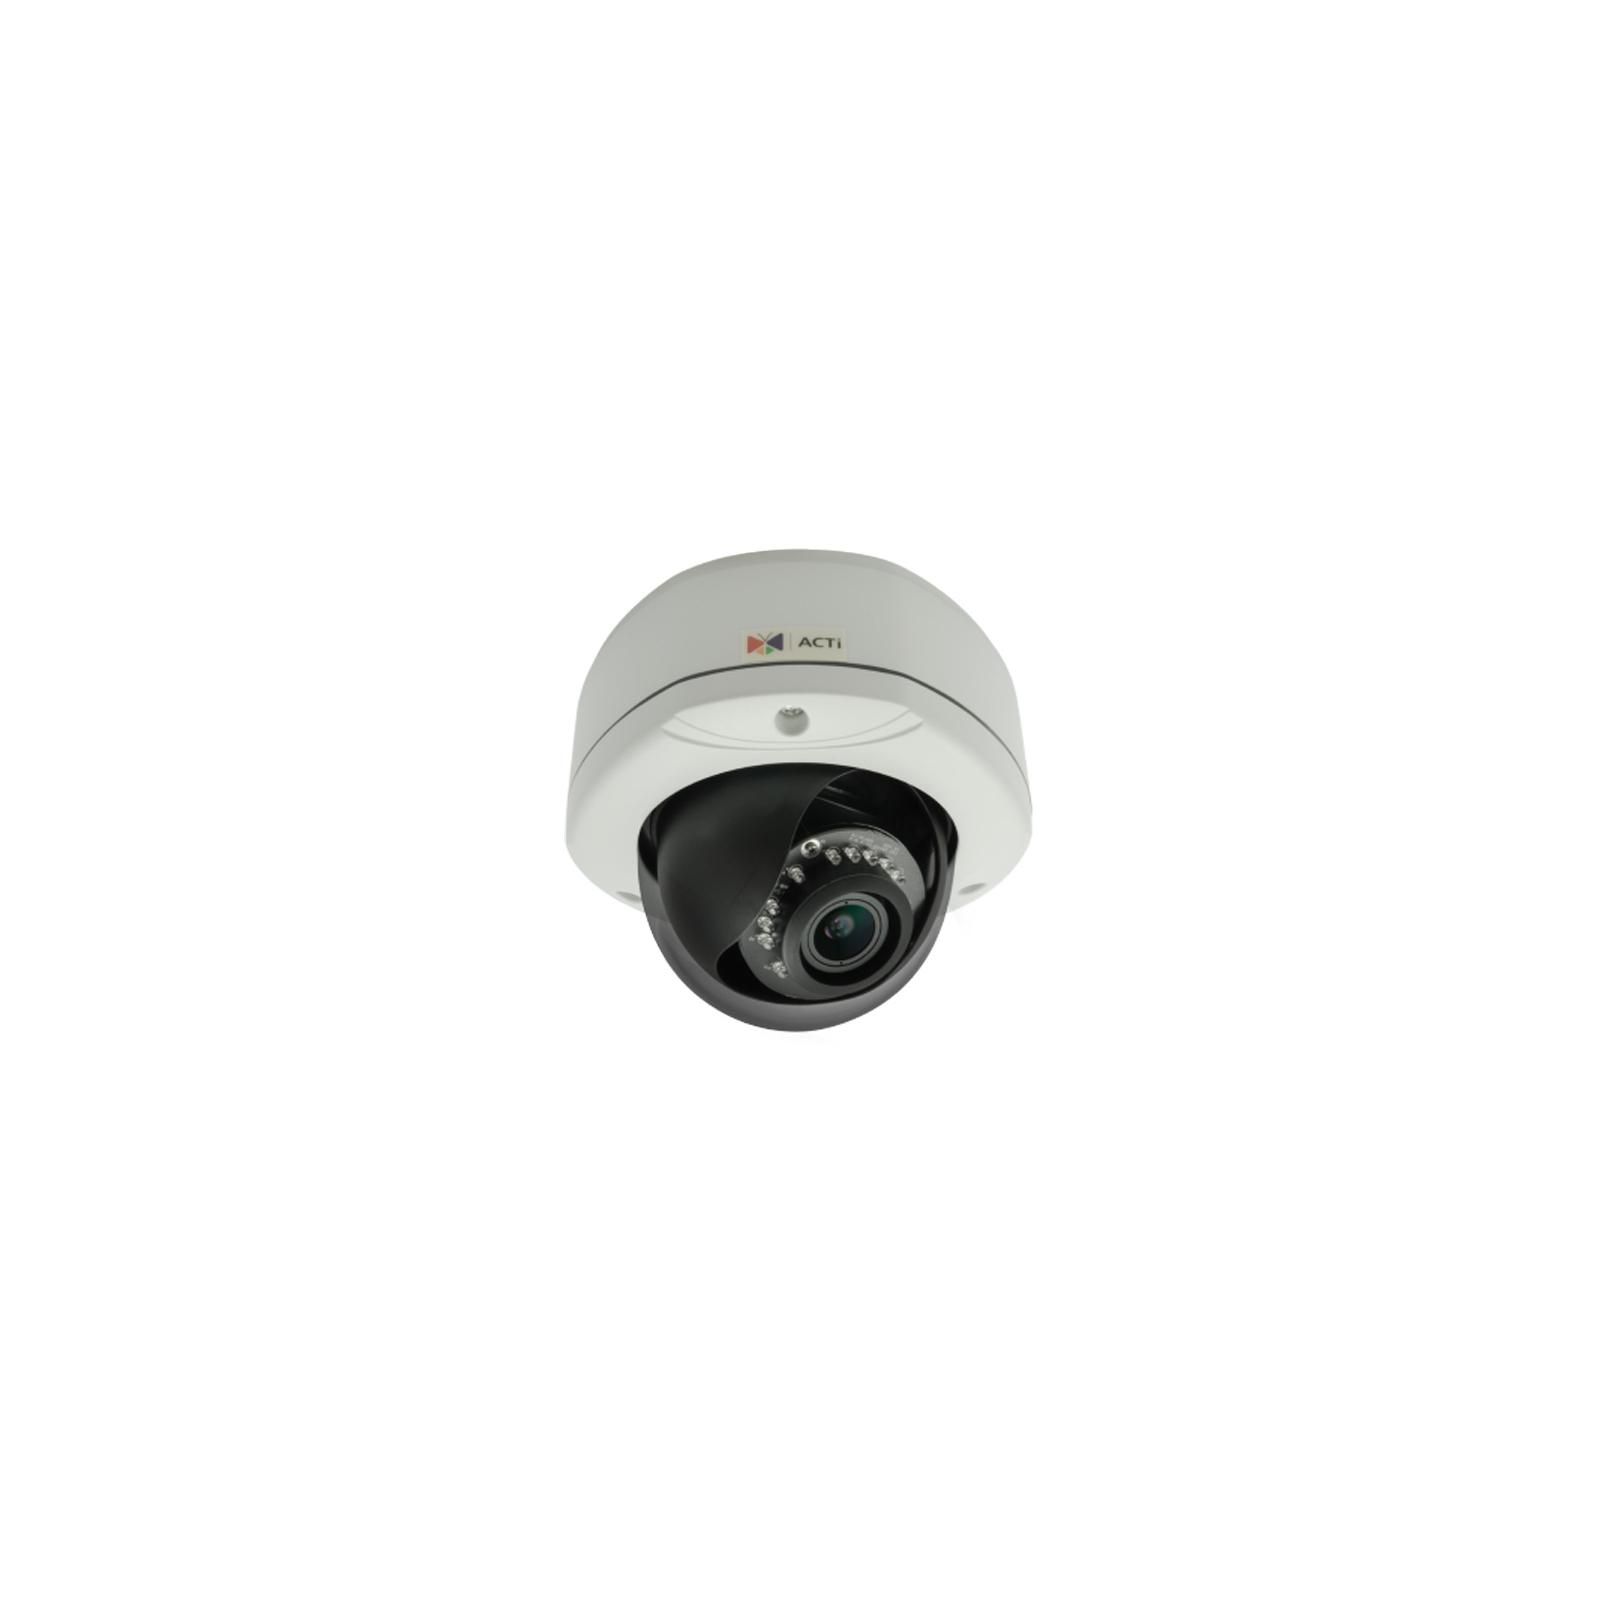 Камера видеонаблюдения ACTi E84